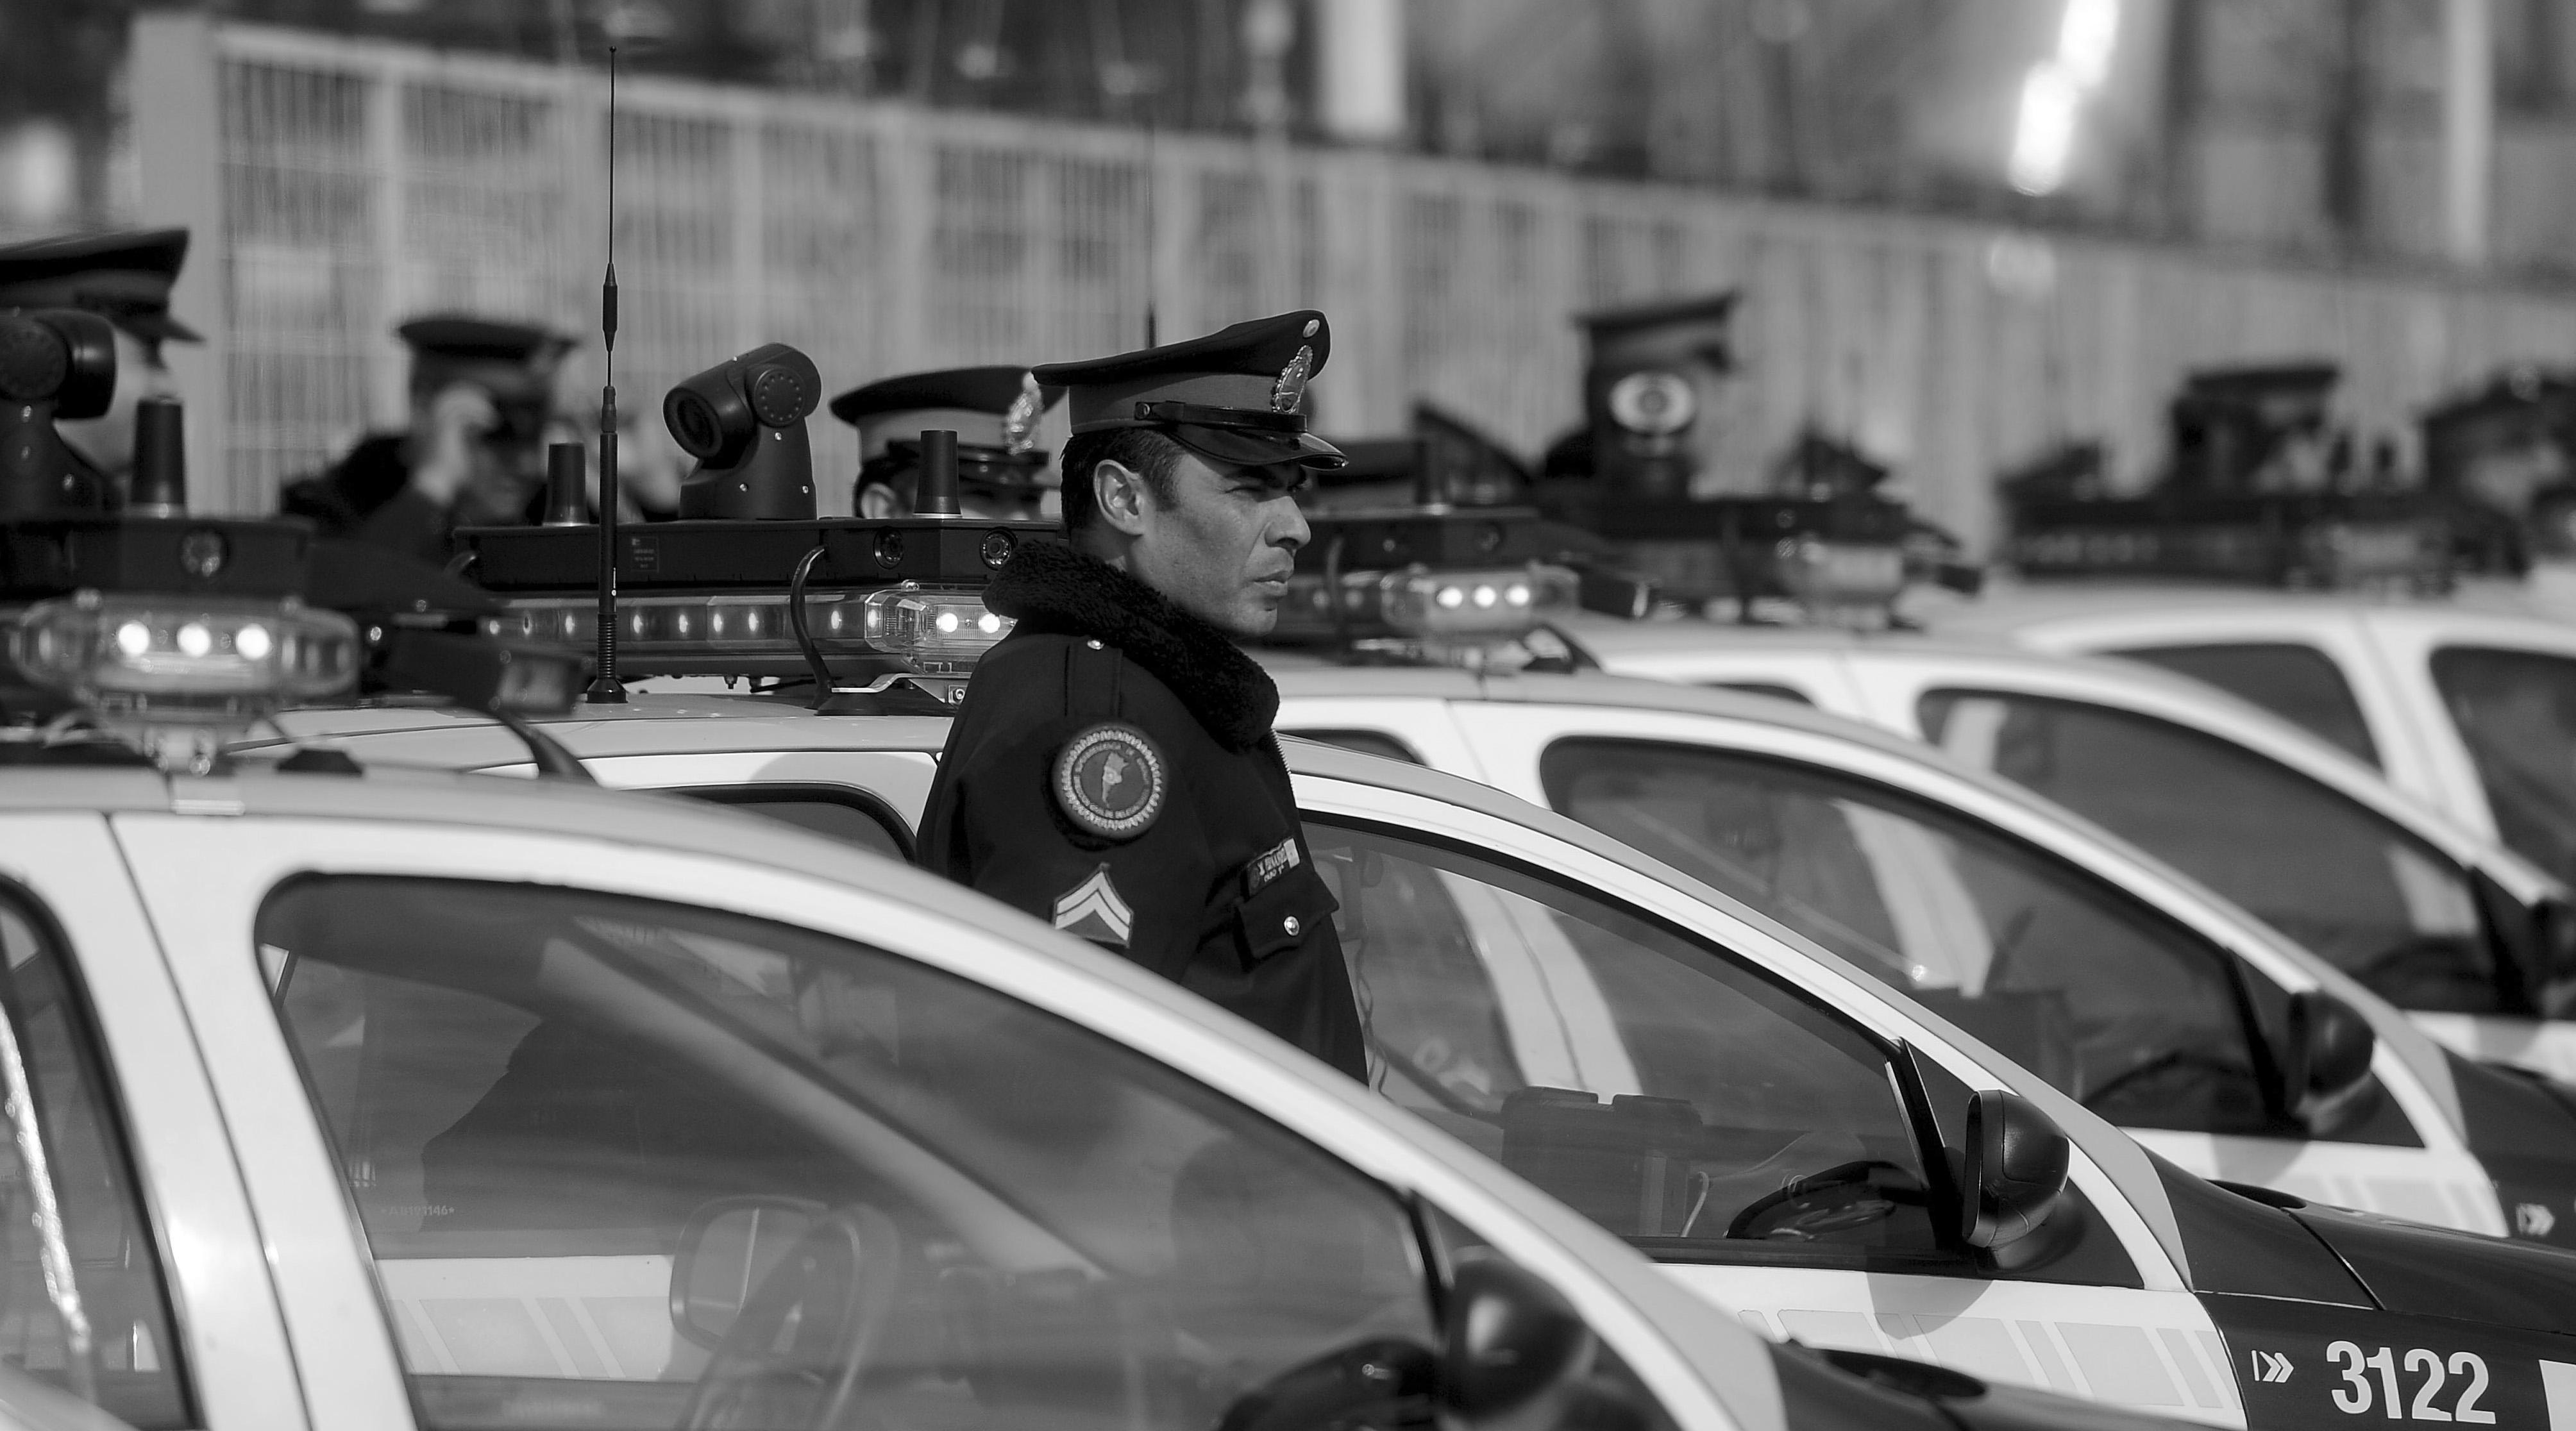 policia federal telam